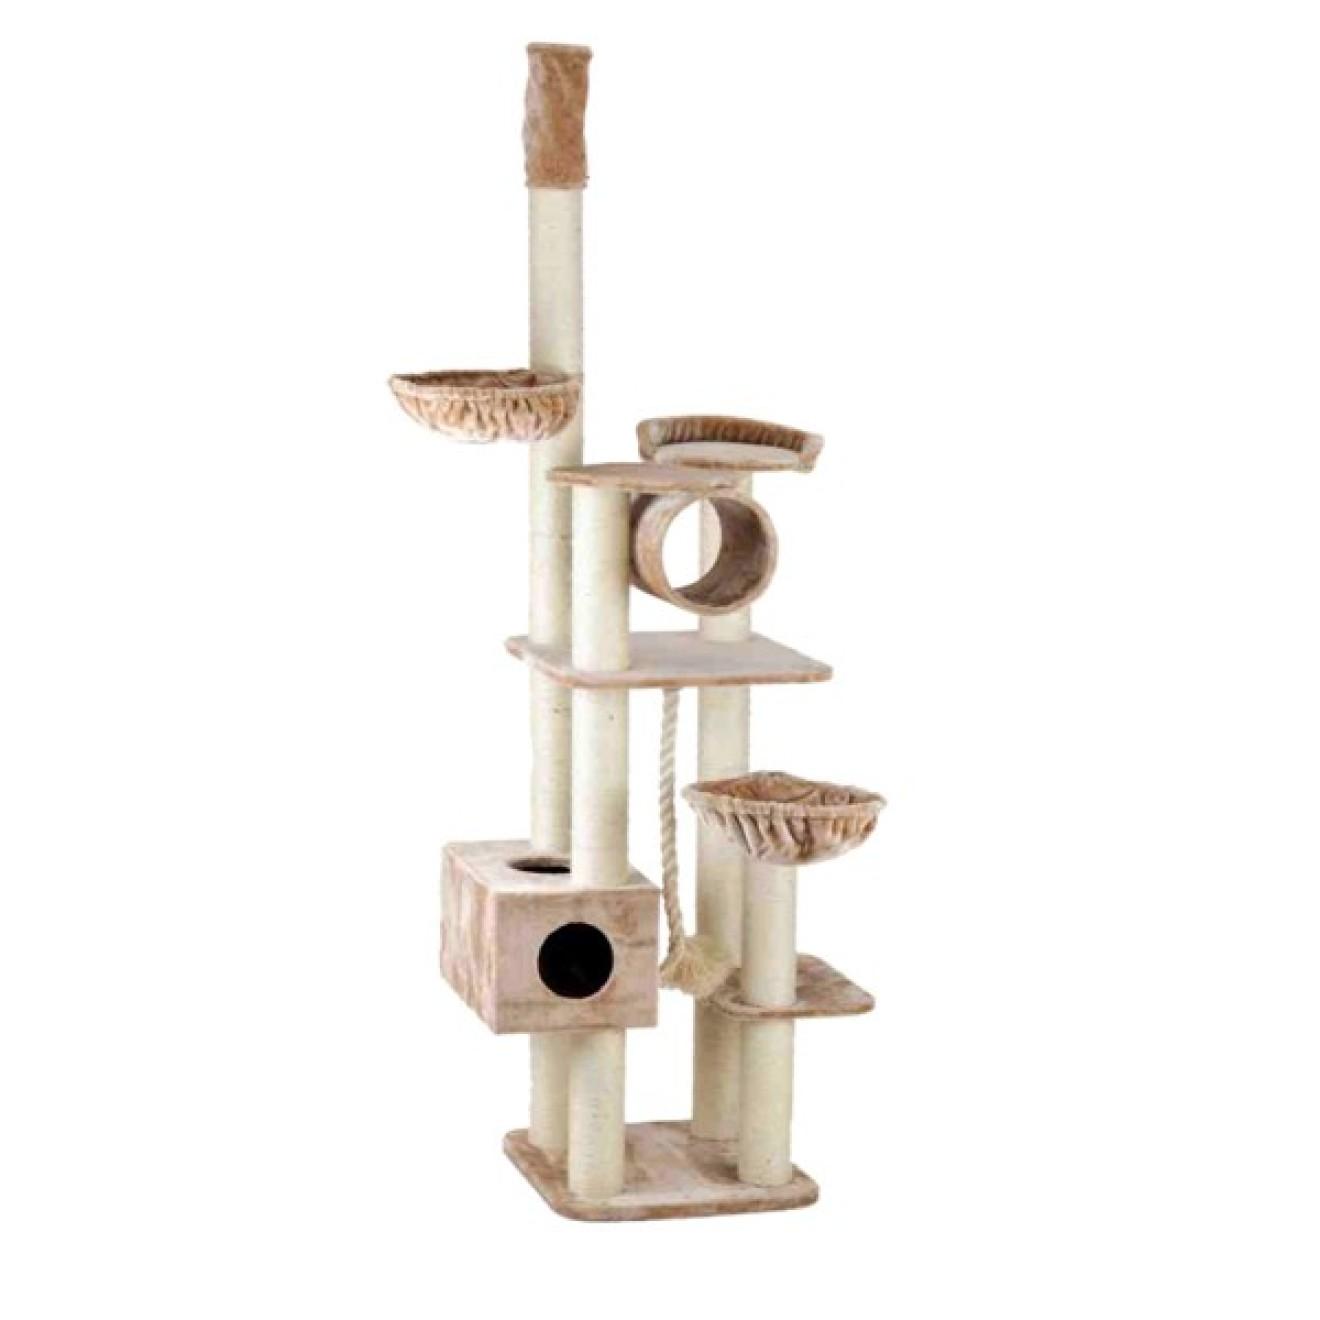 deckenhoher kletterbaum f r katzen maisy kratzbaum gro online kaufen. Black Bedroom Furniture Sets. Home Design Ideas